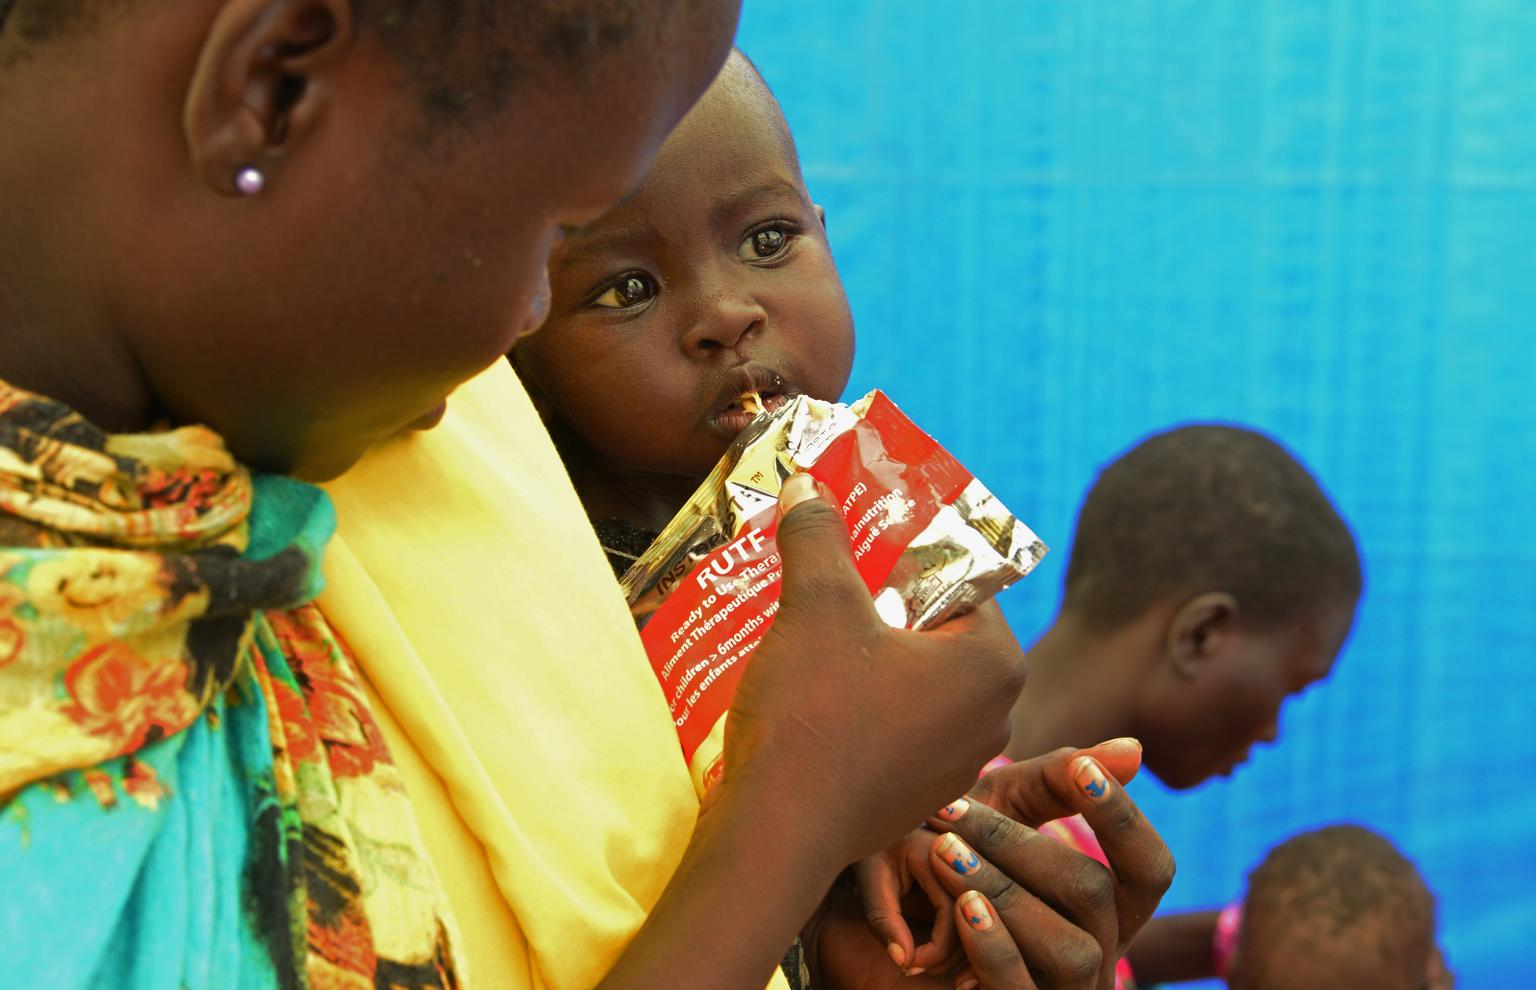 Bebé alimentandose con plumpy nut